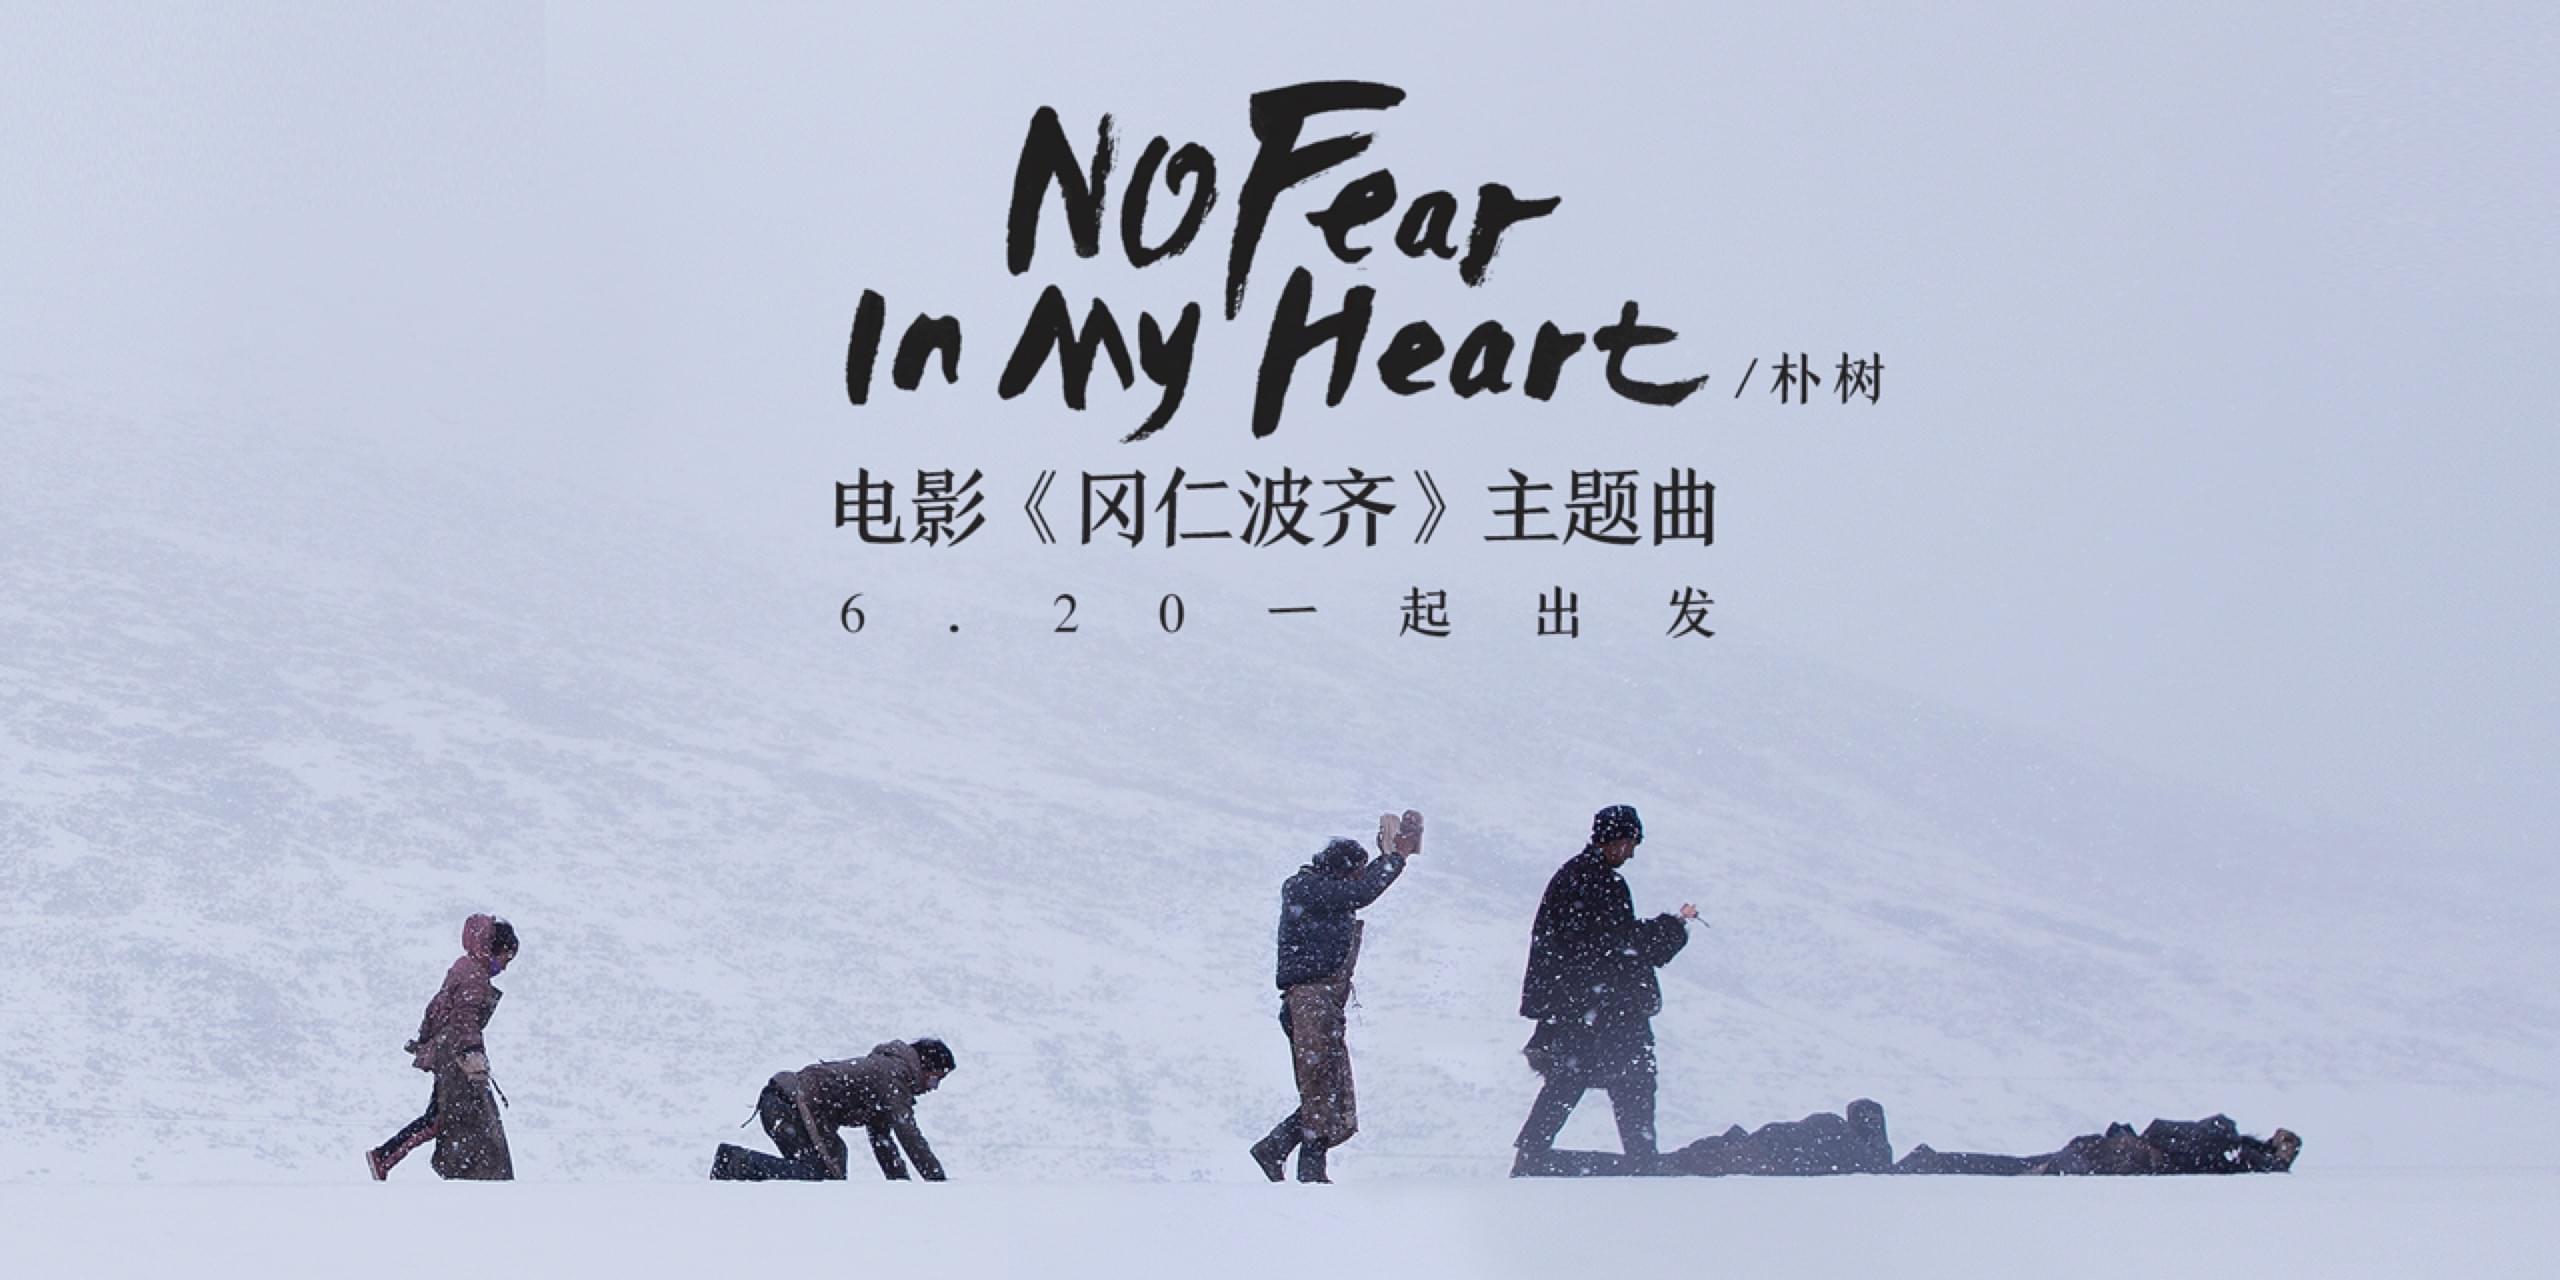 朴树为张杨电影《冈仁波齐》更名新歌。